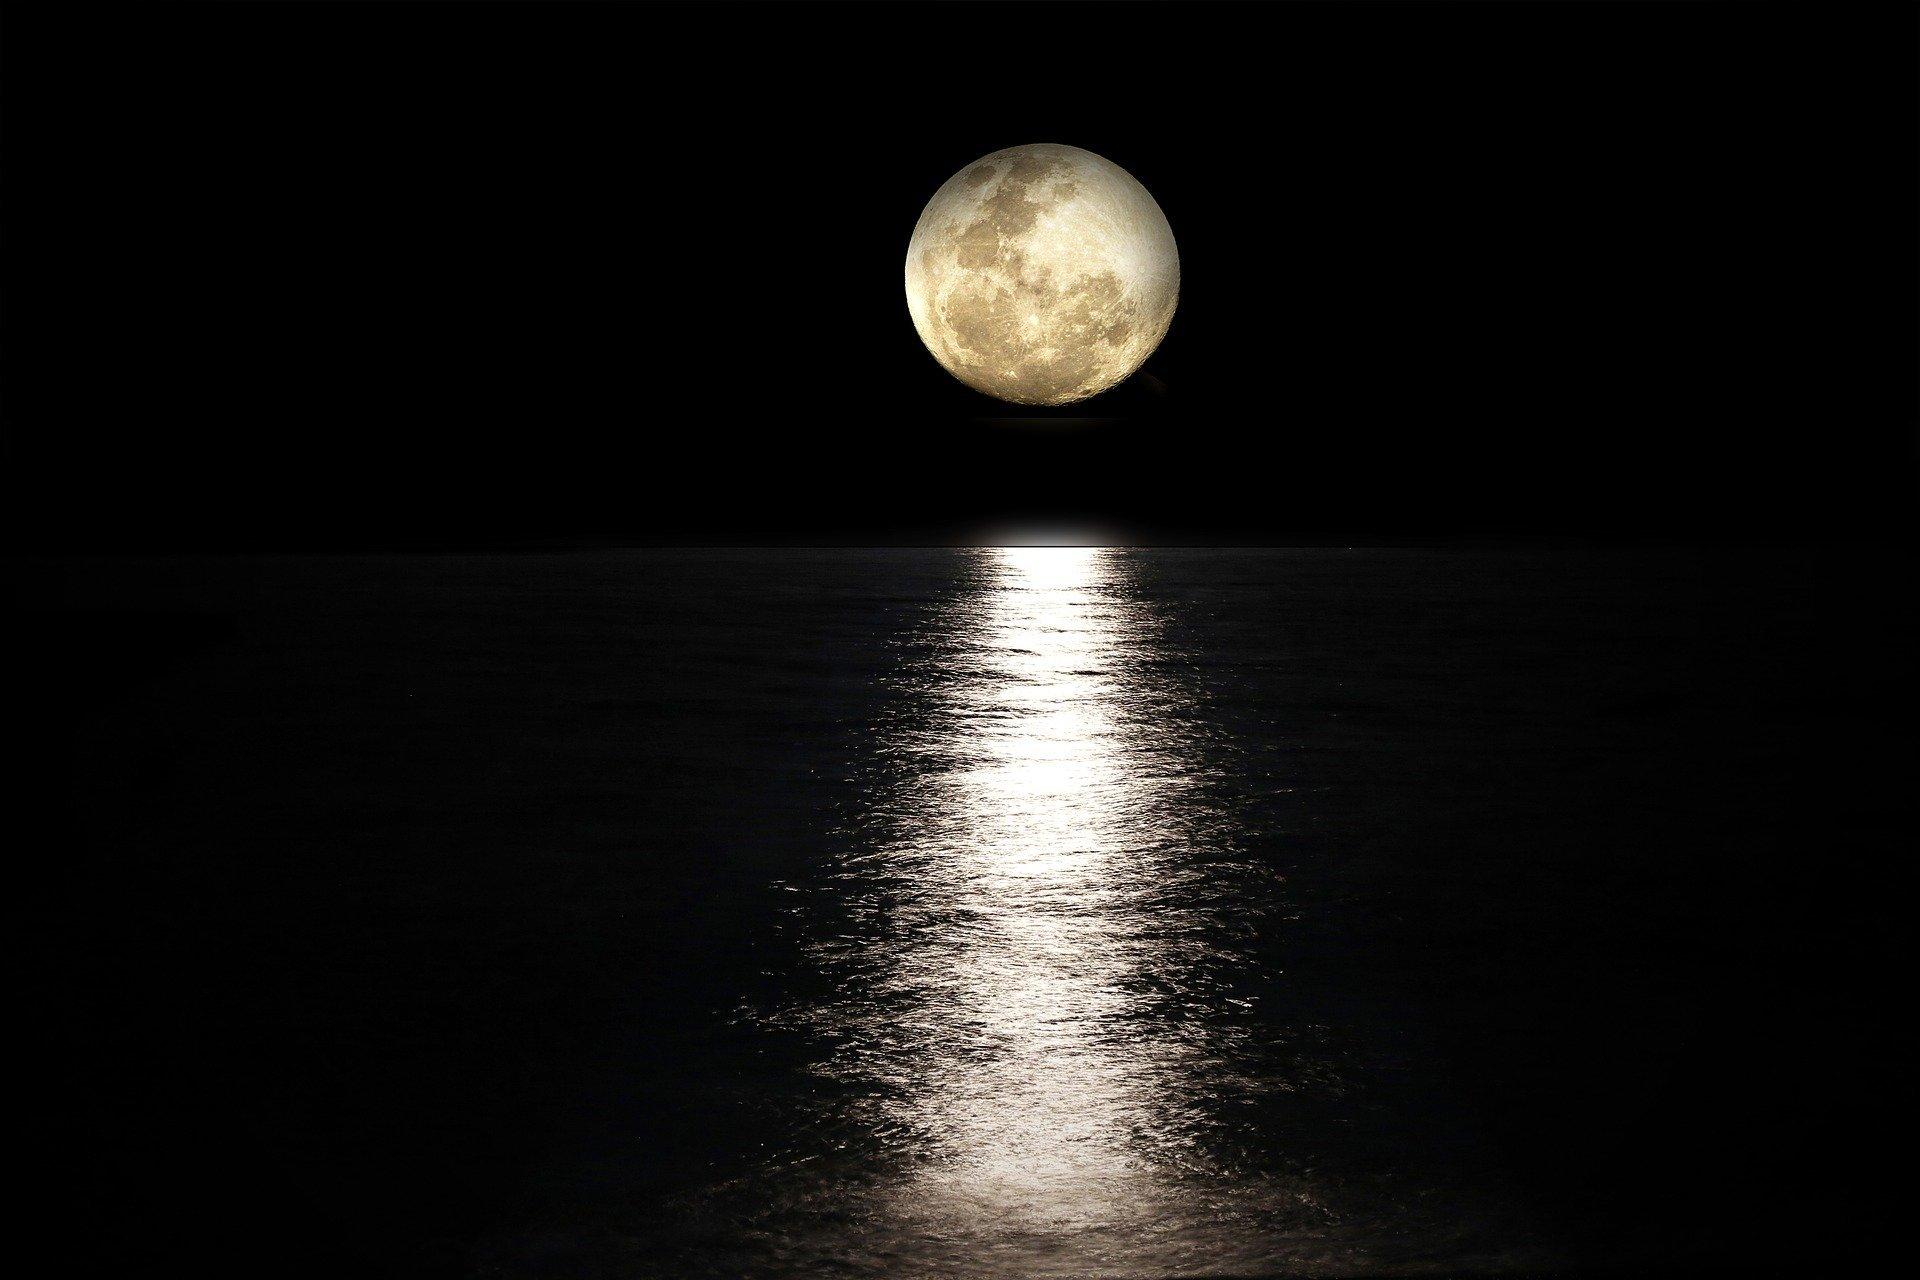 月 が 綺麗 です ね 類義語